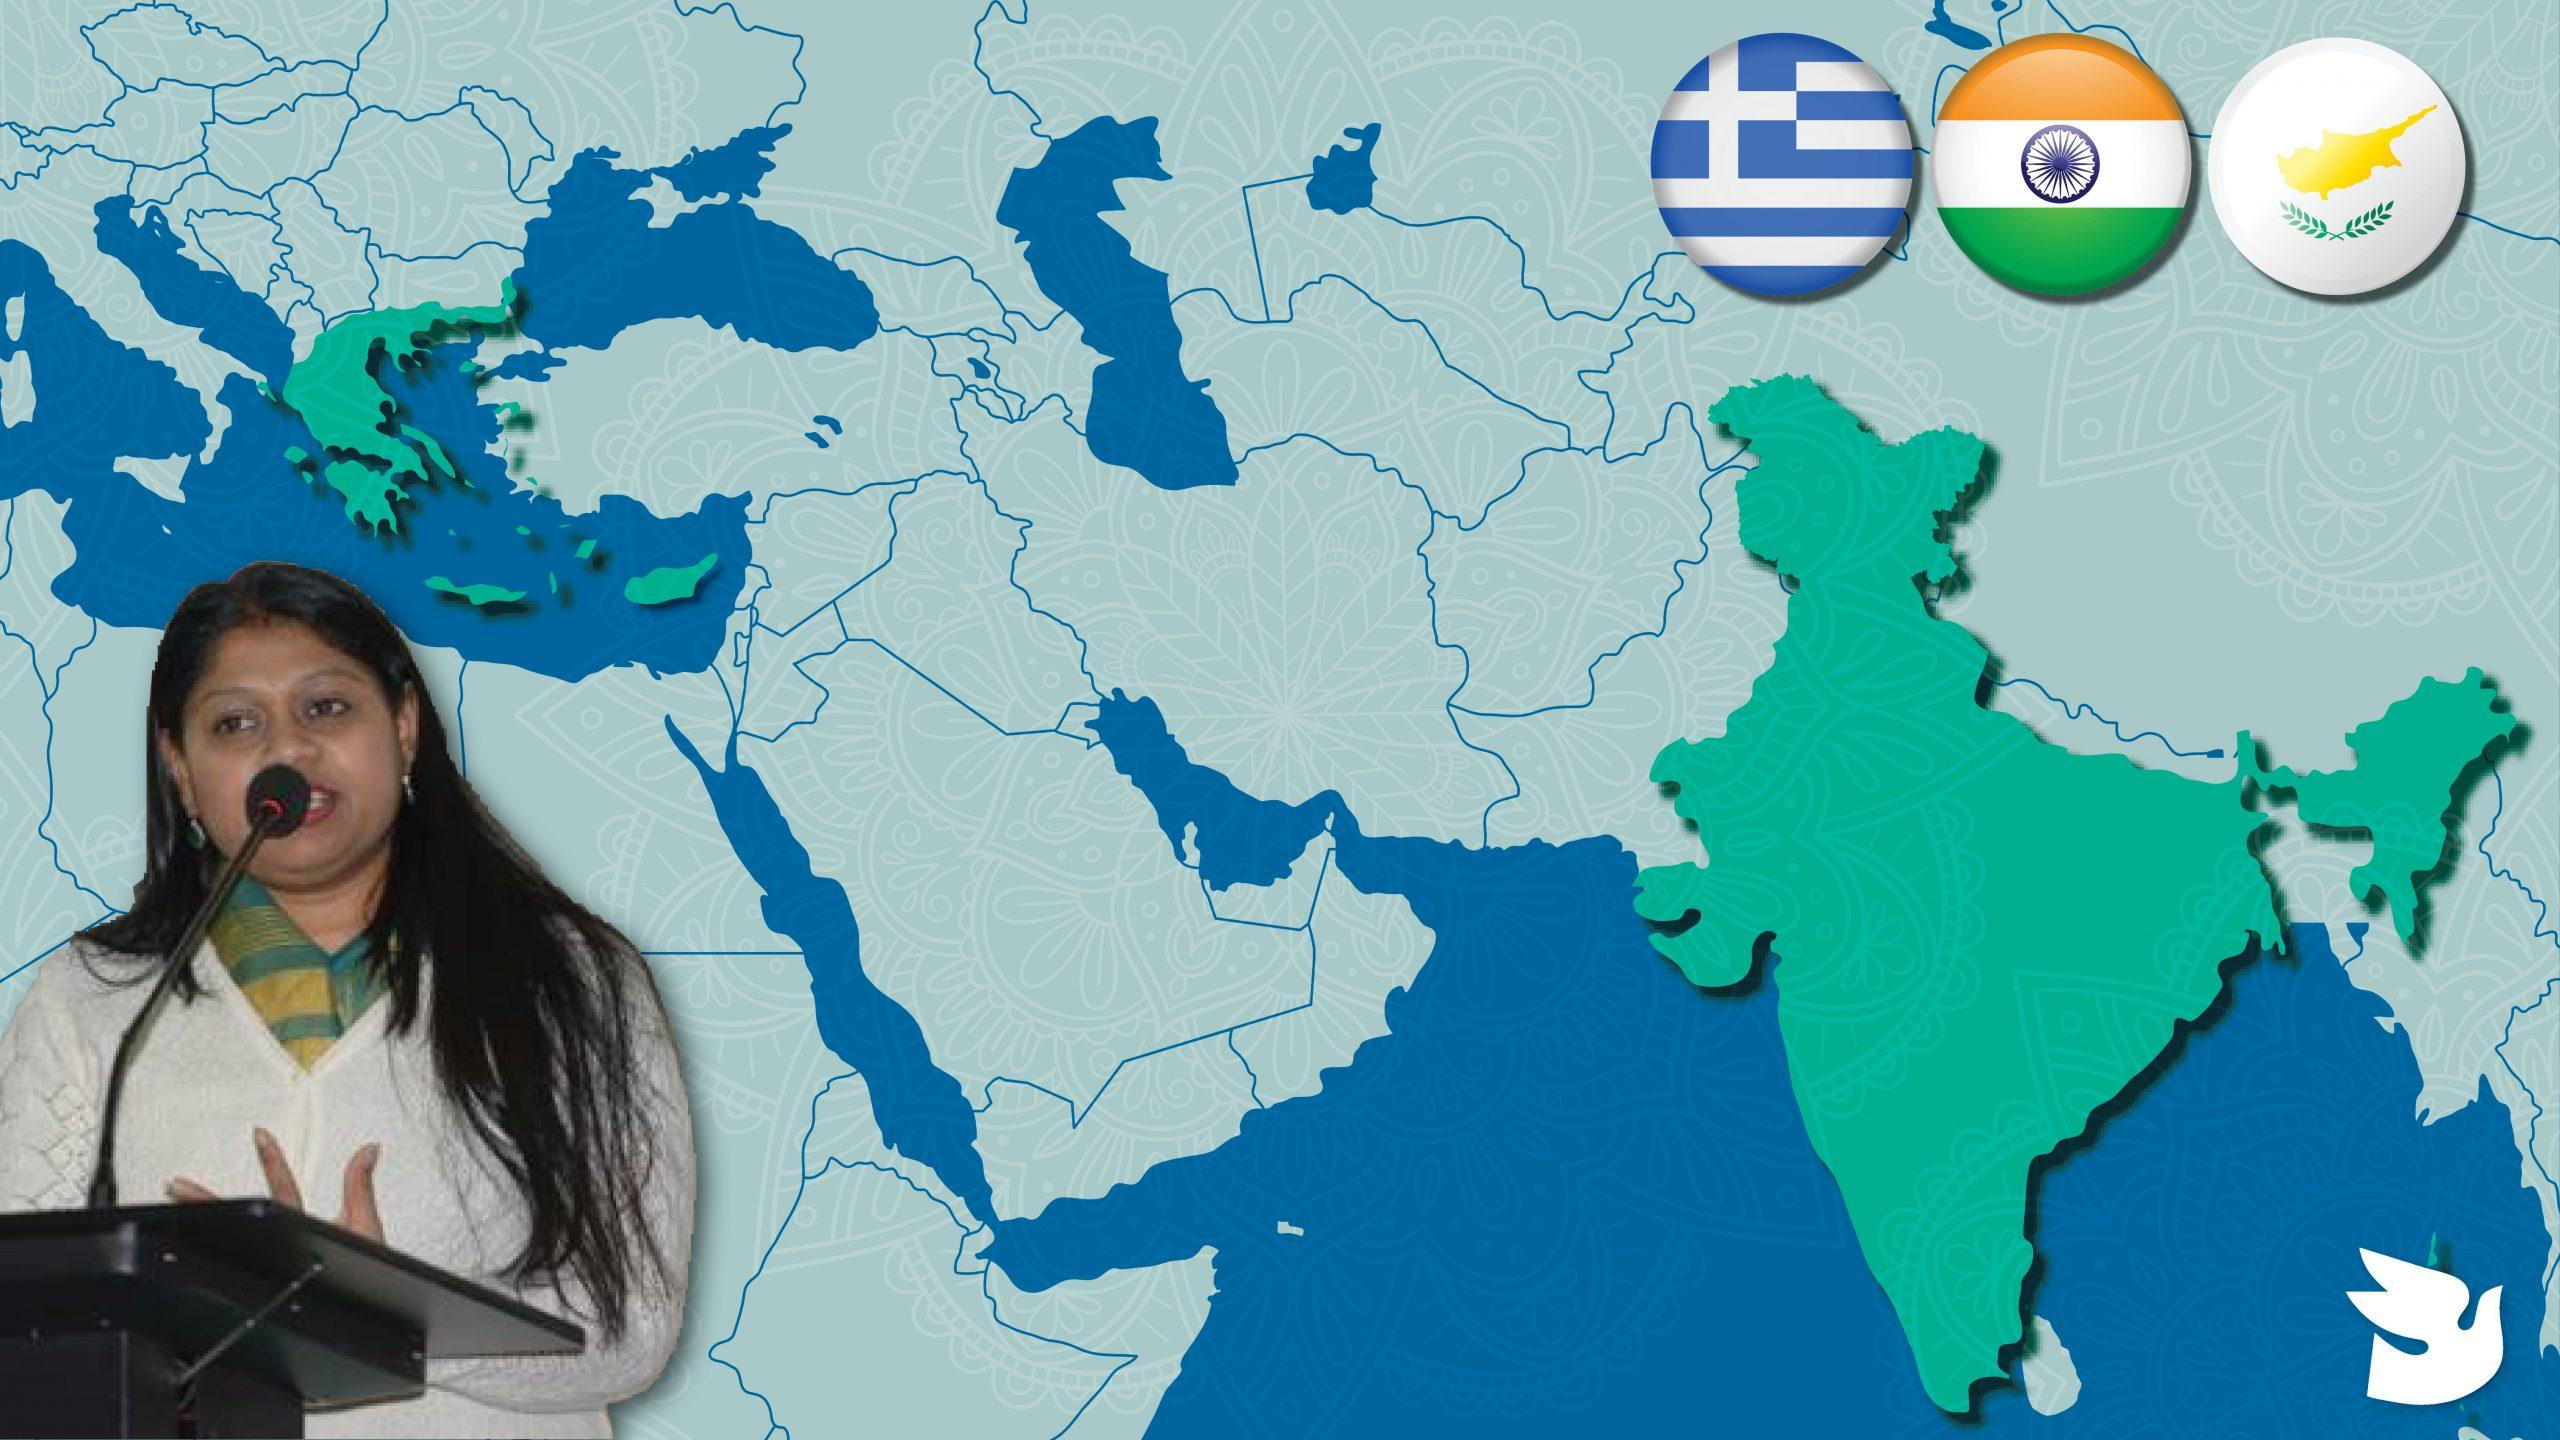 Οι αμυντικές προοπτικές της σχέσης Ελλάδας – Κύπρου – Ινδίας